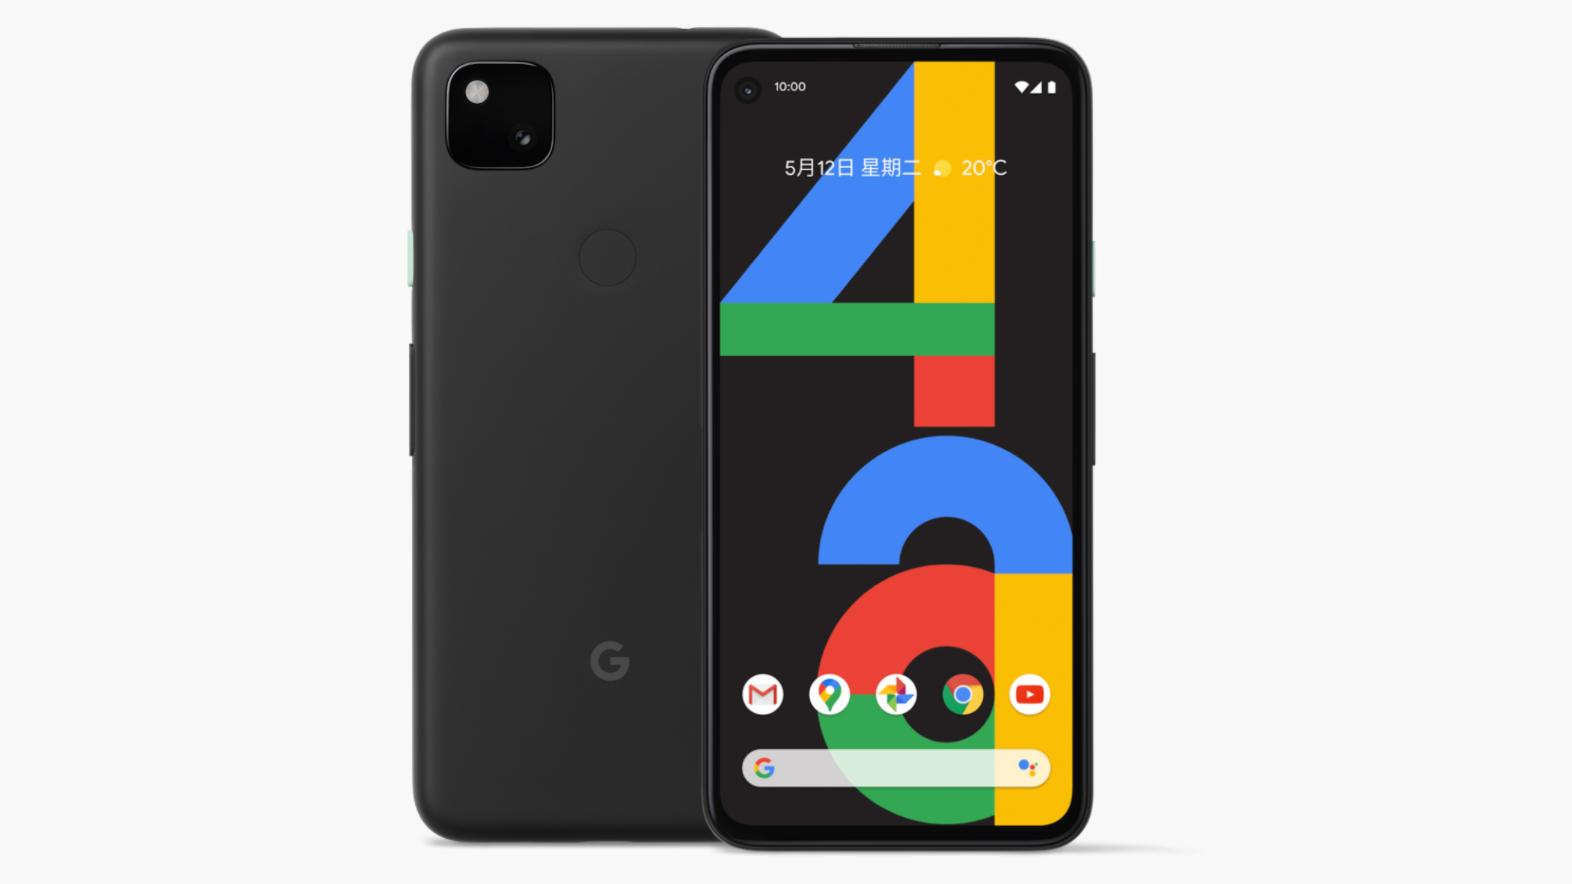 Keine Wahl: Das Google Pixel 4a kommt ausschließlich in Schwarz auf den Markt.